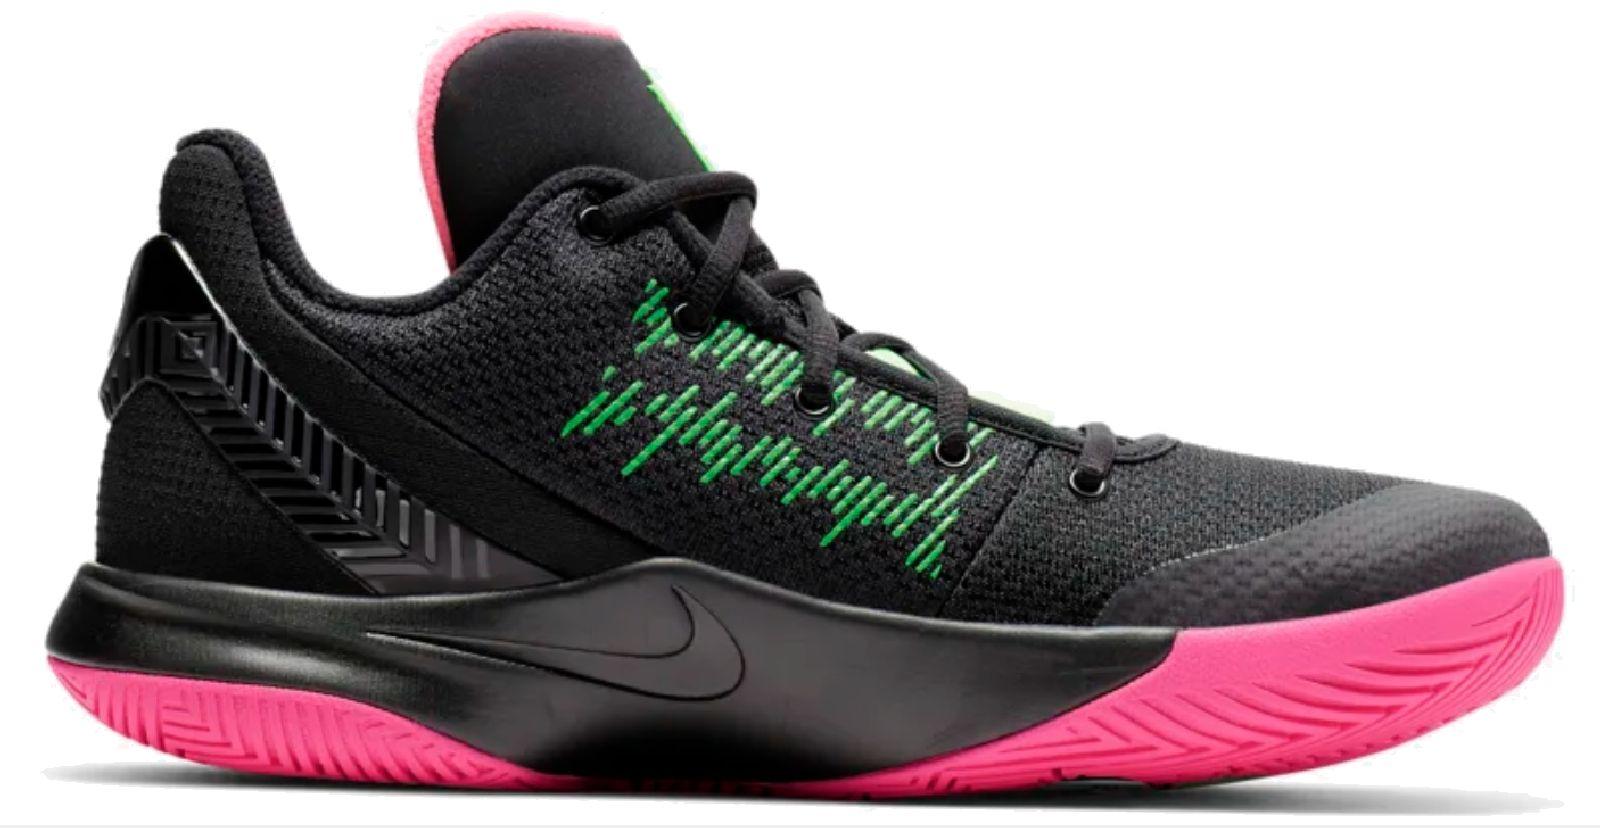 Zapatillas de baloncesto de hombre Kyrie Flytrap II Nike